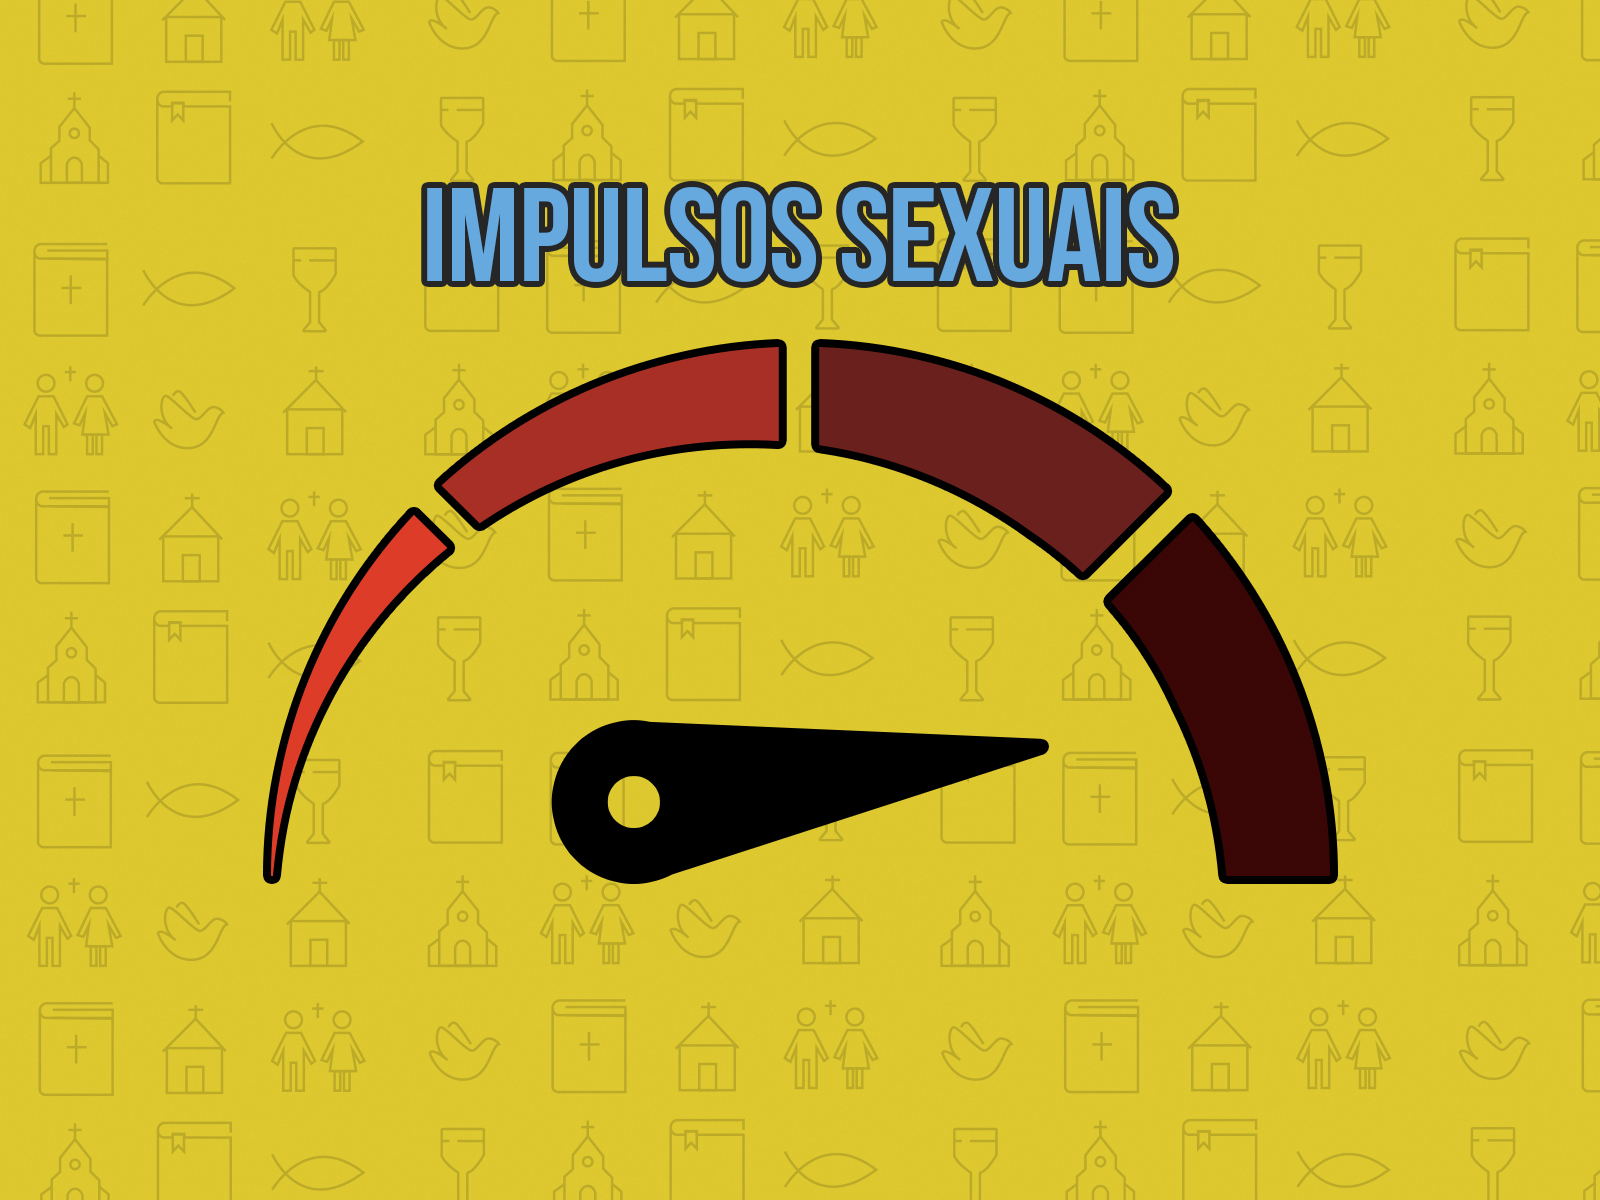 Impulsos sexuais: a carne é fraca?